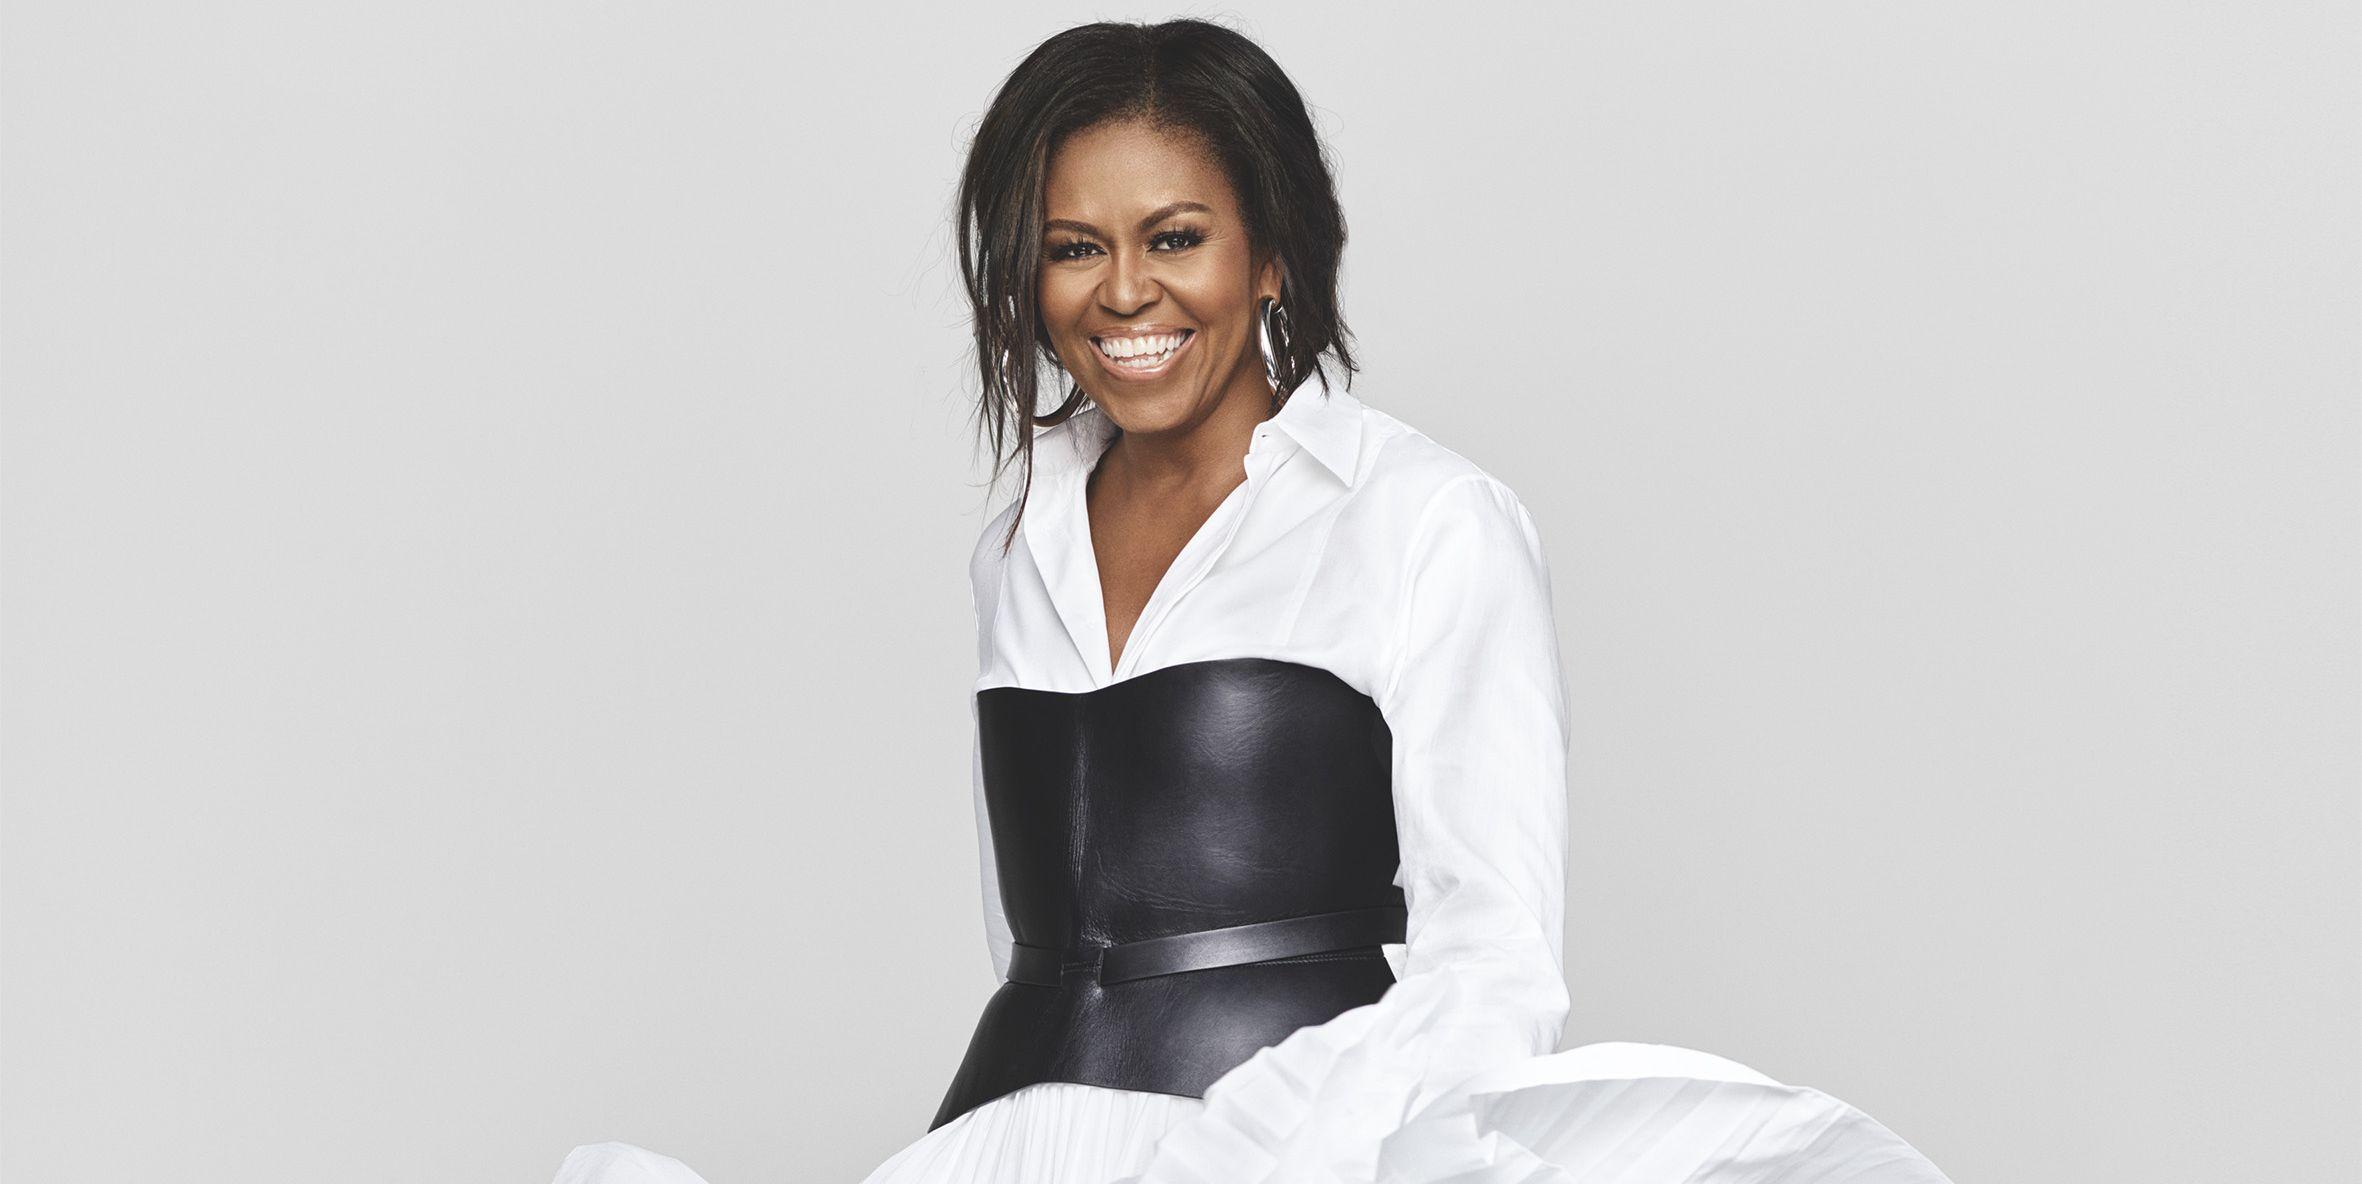 Michelle Obama interview Oprah Winfrey